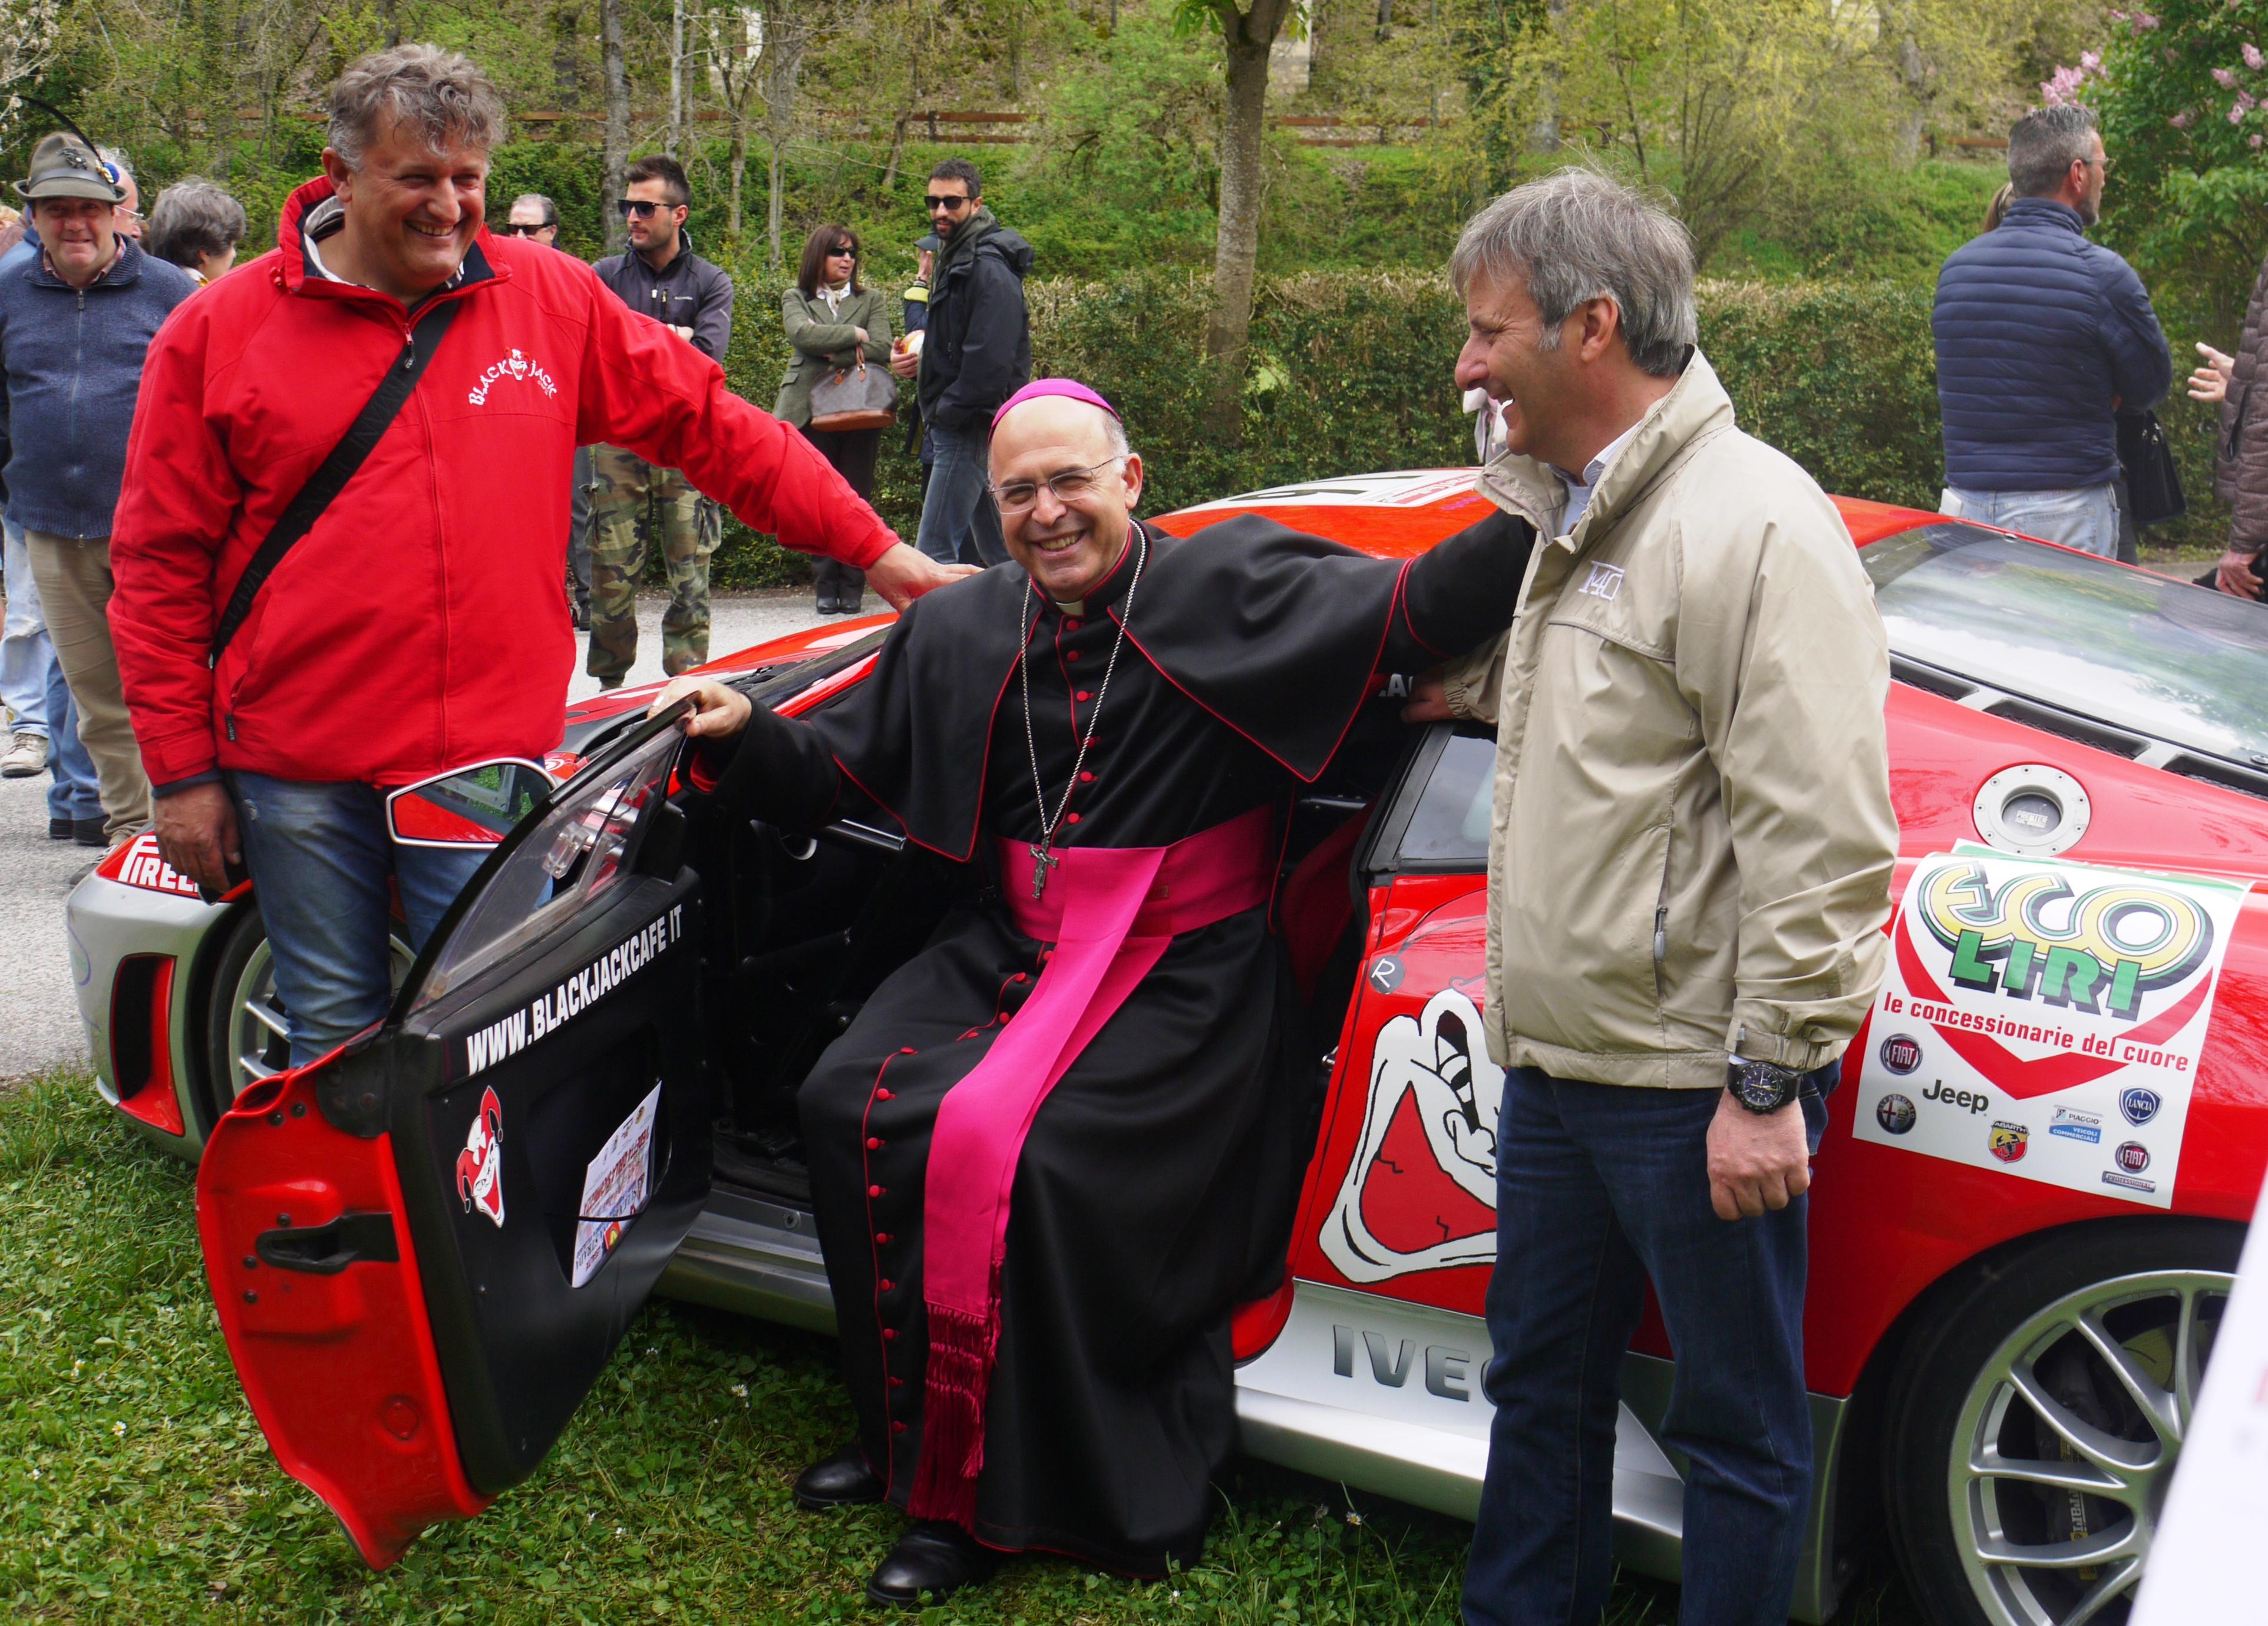 Sicurezza e Legalità: Il vescovo Spina sale sulla Ferrari Black Jack